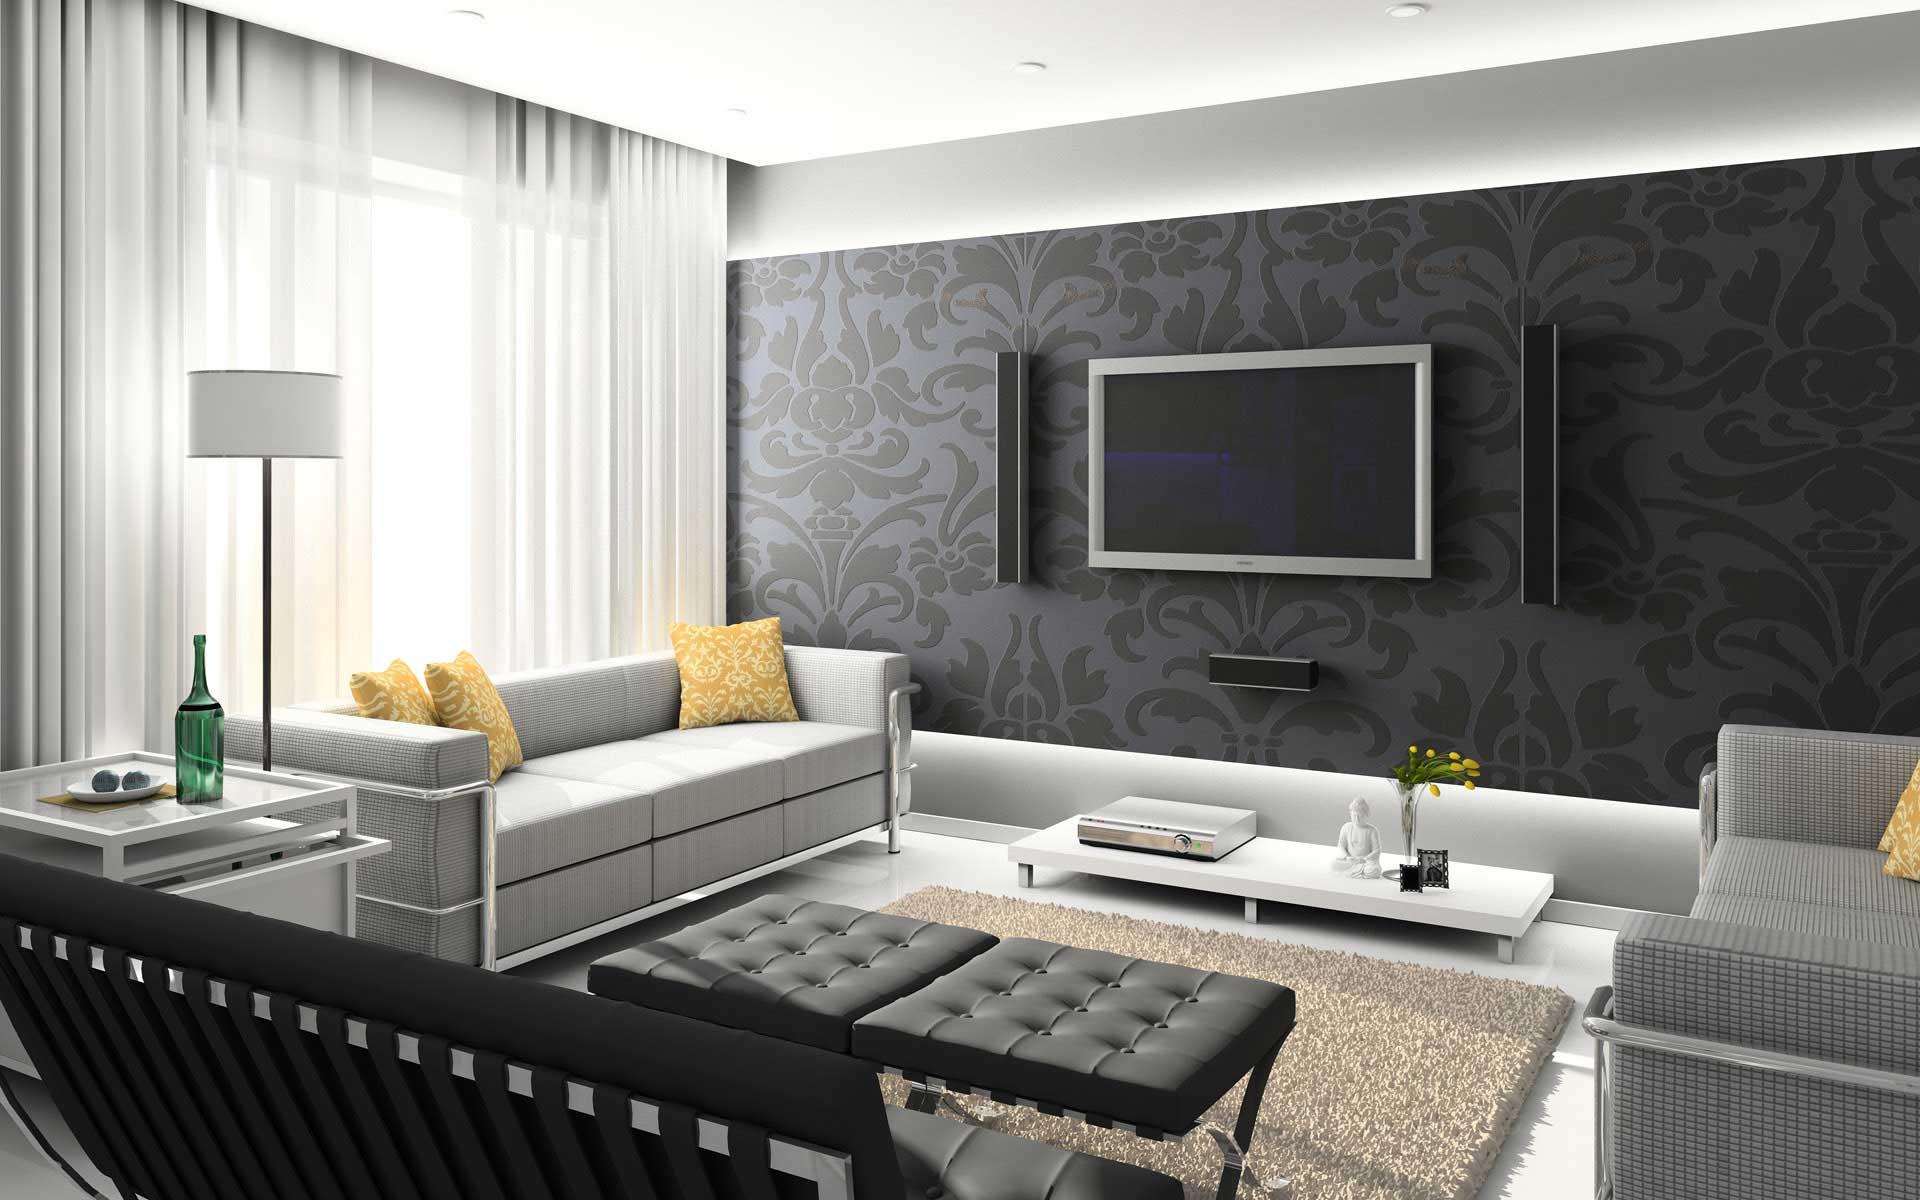 Интерьер гостиной в современном стиле с обоями